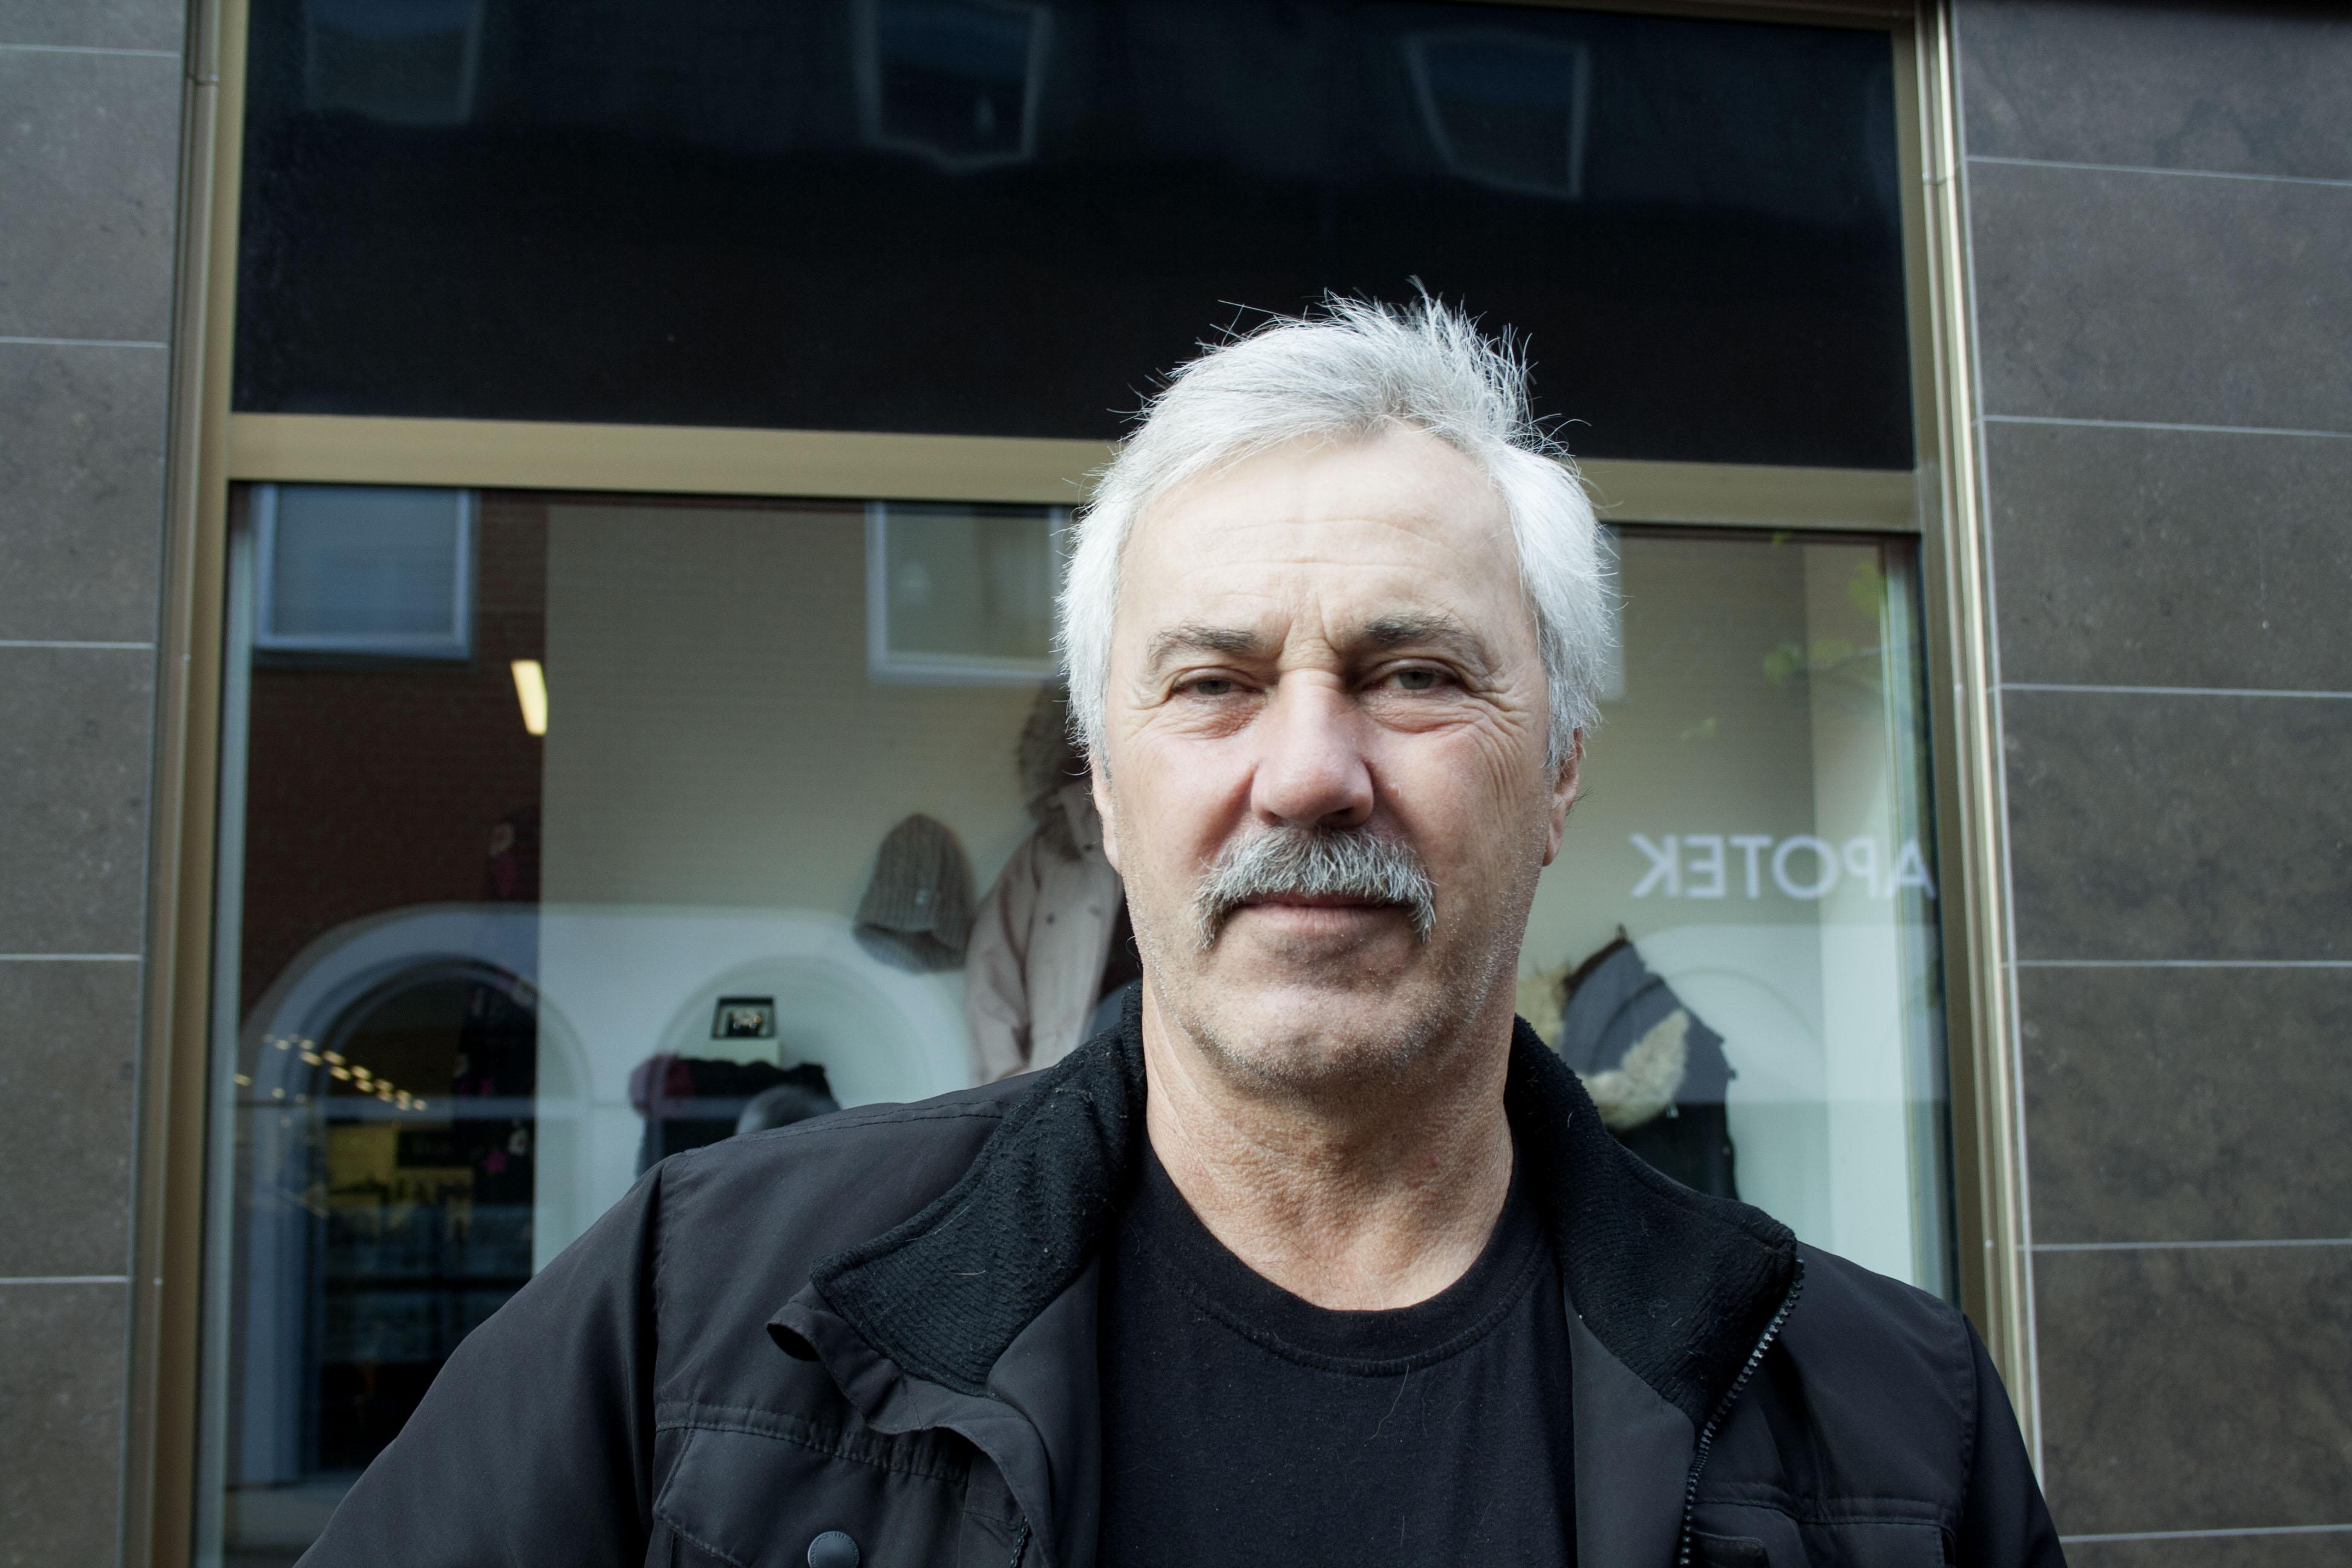 Namn: Alf Svensson Ålder: 63 – Centerpartiet, annars vet jag inte. Jag har varit bonde tidigare.